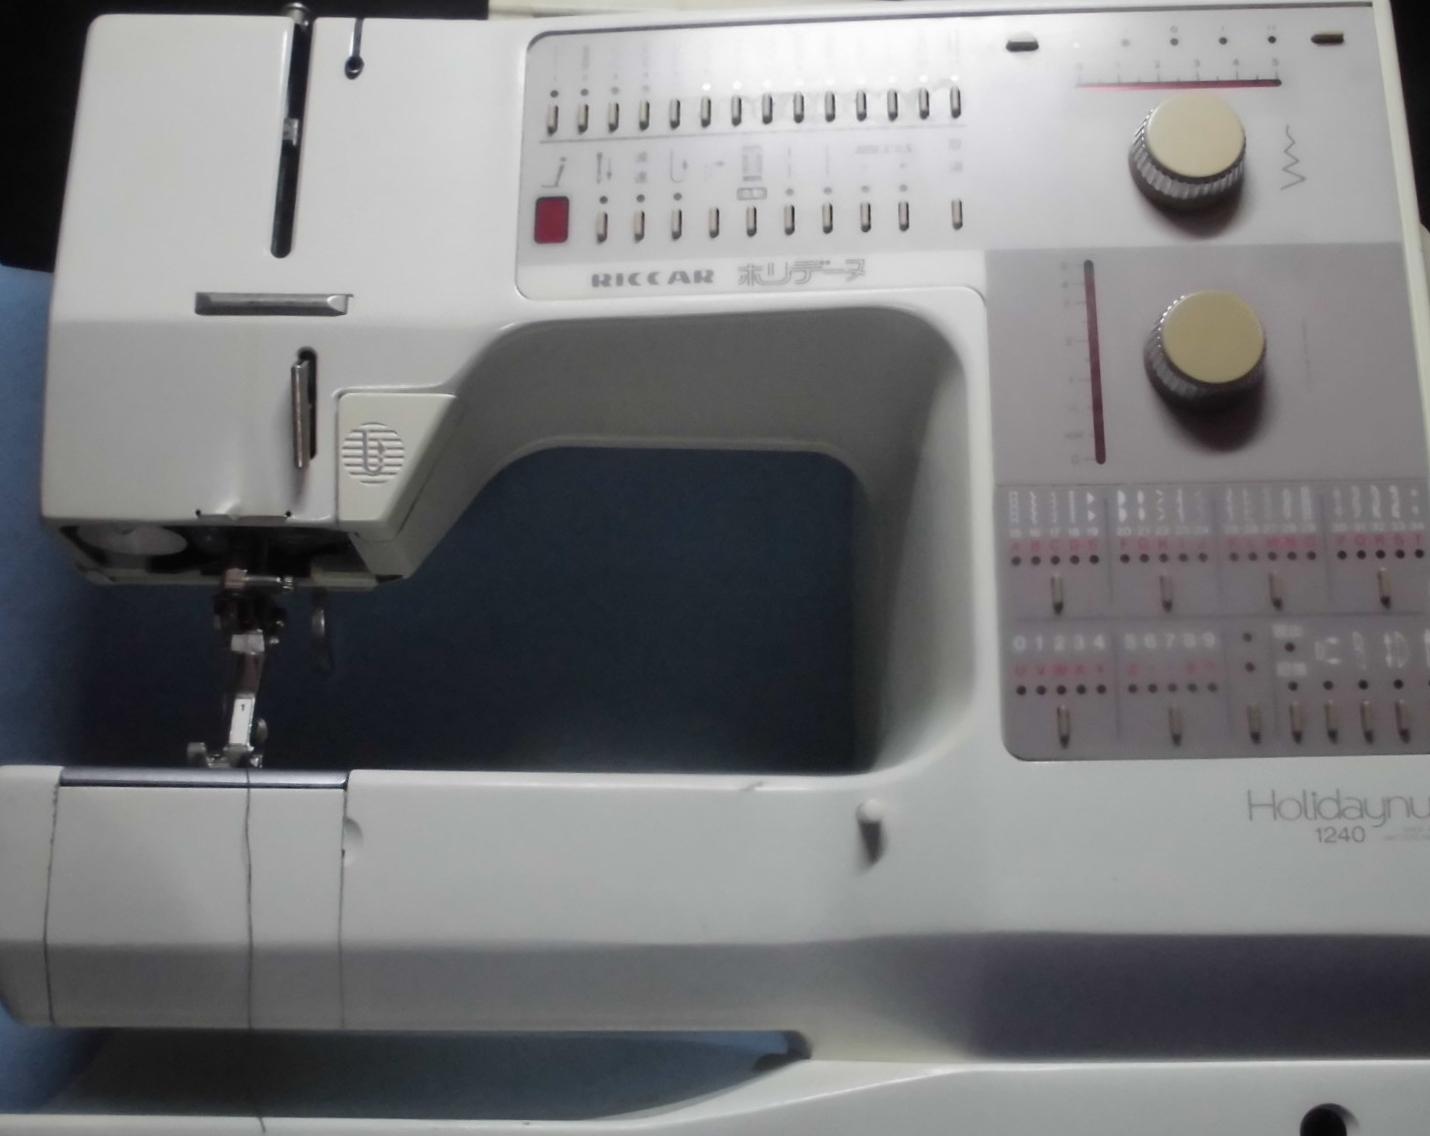 リッカーミシン修理|ホリデーヌ1240|返し縫いのまま戻らなくなってしまった・布を正常に送らない